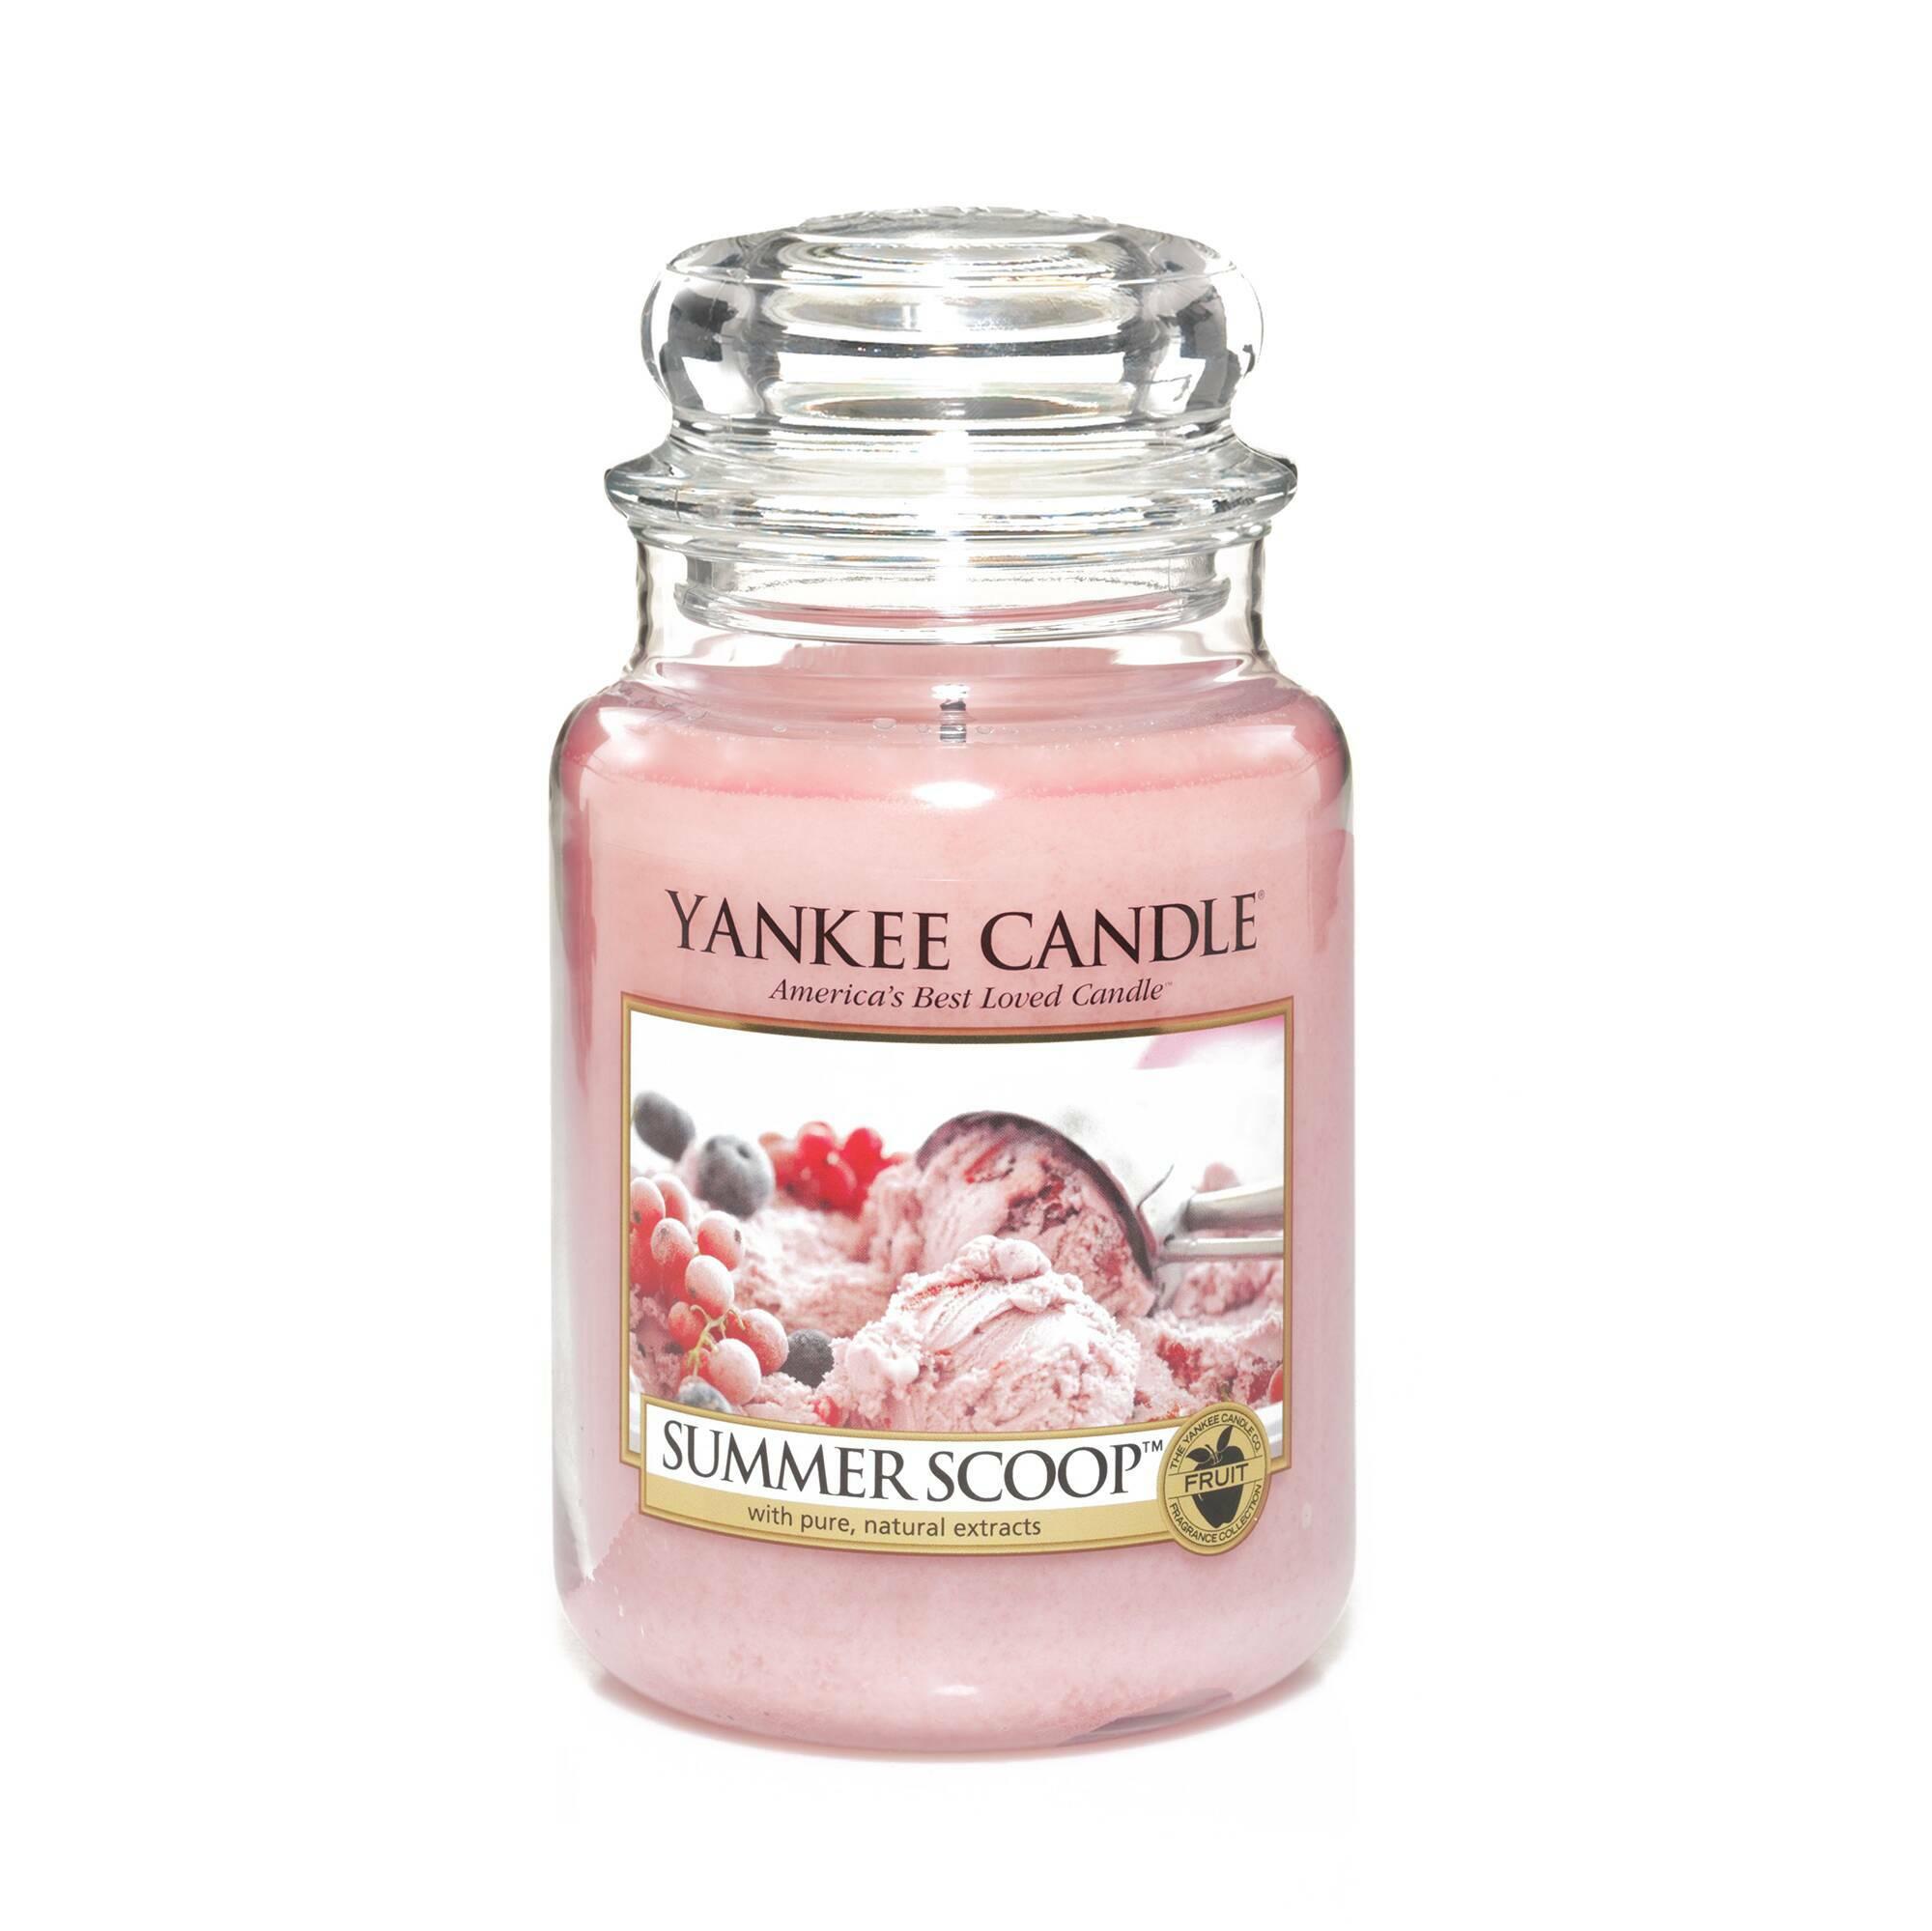 Свеча большая  в стеклянной банке Summer ScoopПодсвечники и свечи<br>Свеча большая в стеклянной банке Summer Scoop — это аромат фруктового мороженого. Верхняя нота — конфеты, клубника, ягоды. Средняя нота — сахарная вата. Базовая нота — пралине, ваниль.<br> <br> Сделано в США.<br> Время горения 110–150 часов.<br> Вес 623 г<br><br>stock: 0<br>Цвет: Розовый